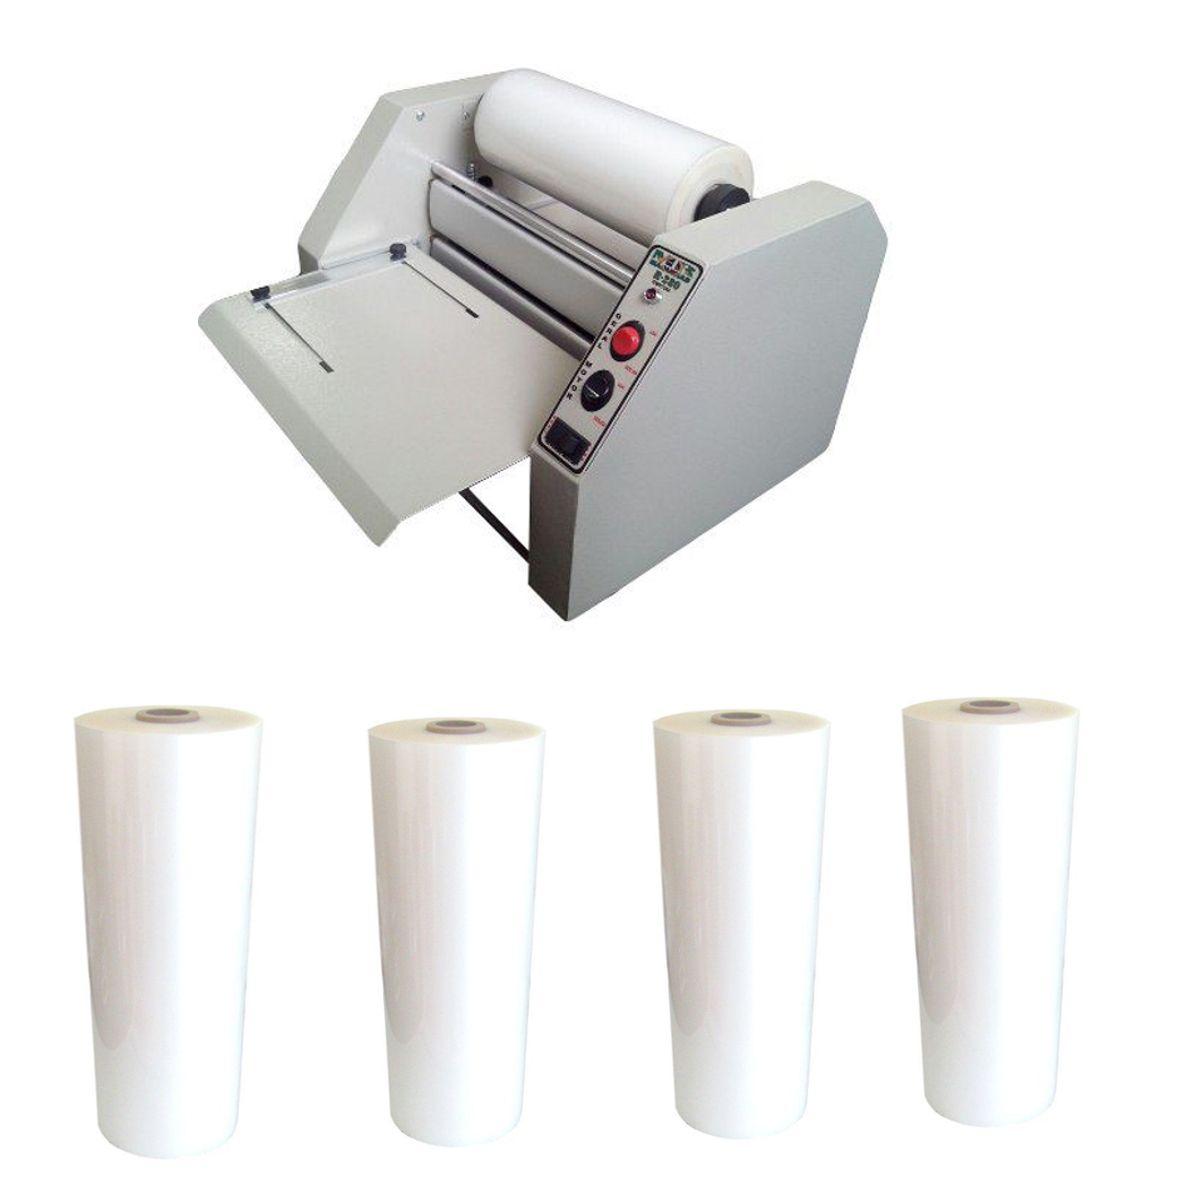 Kit Plastificadora R-380 + 4 Bobinas Polaseal (A3 e Rg)